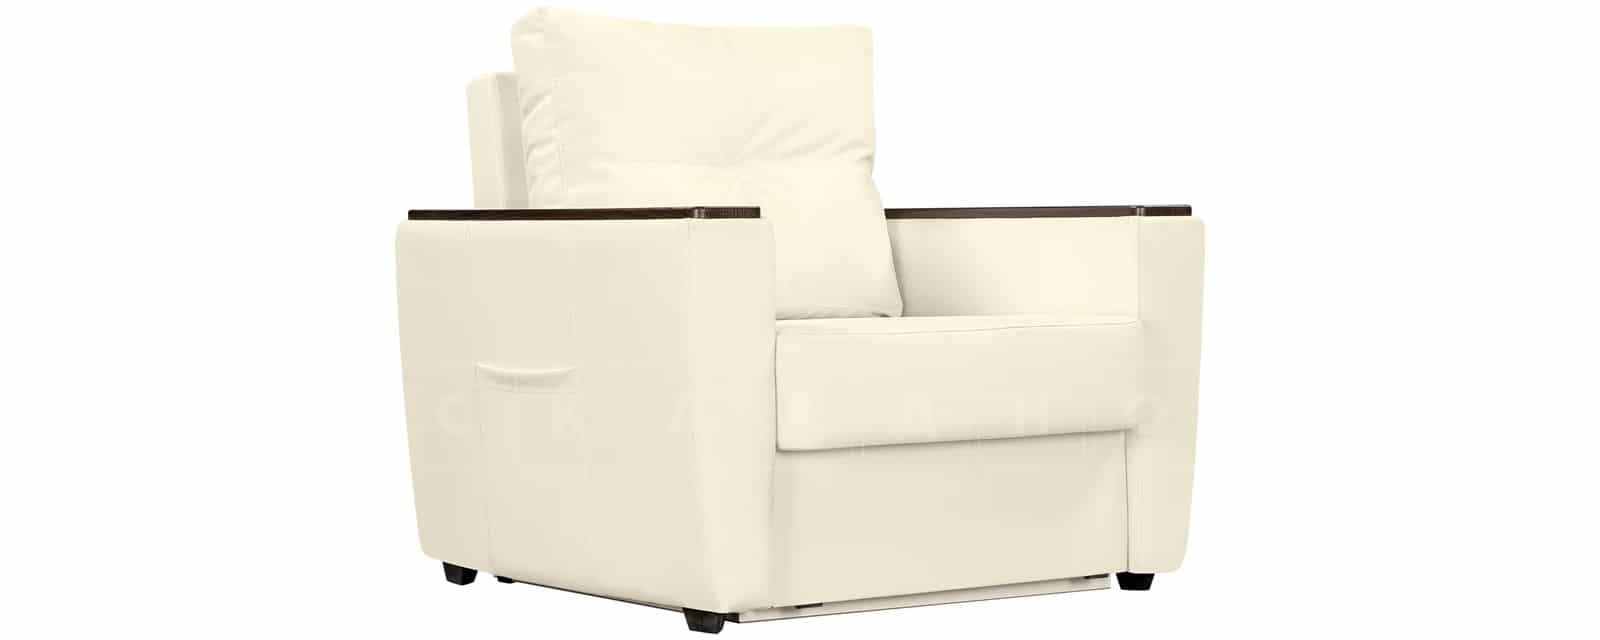 Кресло Майами молочного цвета со спальным местом фото 1 | интернет-магазин Складно